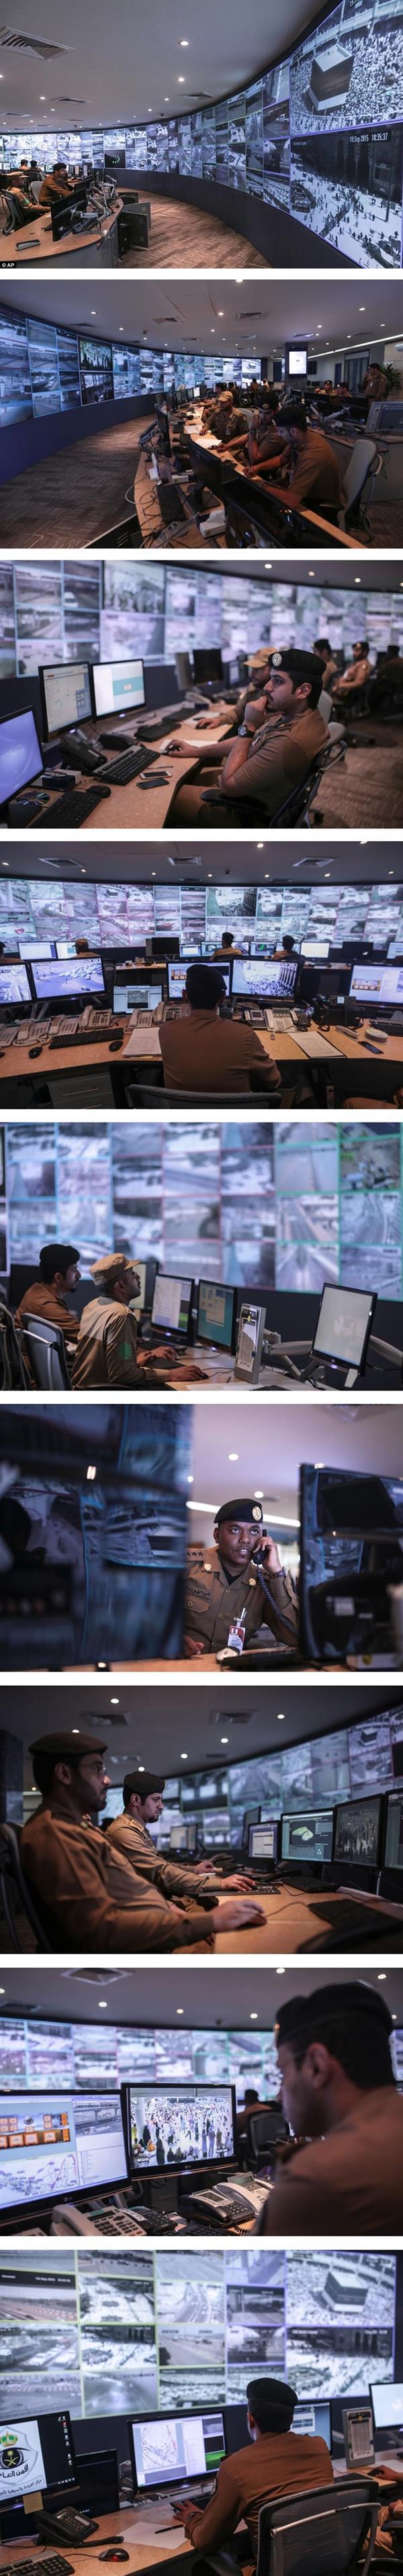 100 ألف رجل أمن و5 آلاف كاميرا مراقبة لتأمين الحج